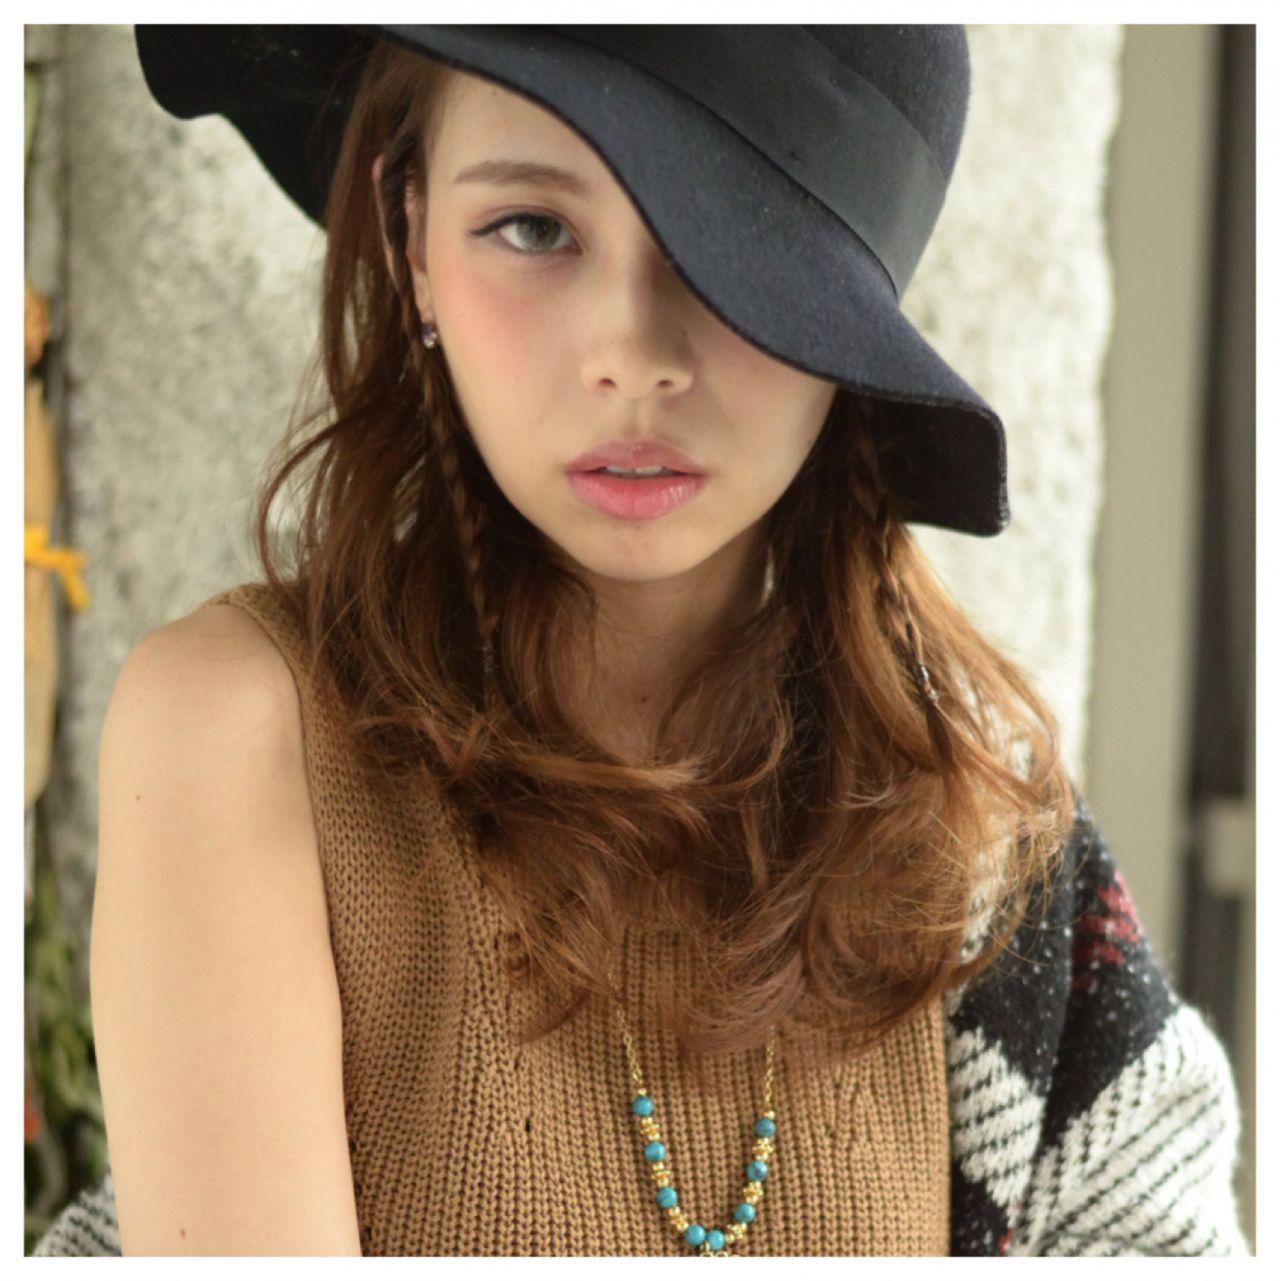 ハットの使い方、もっと知りたい。ヘアアレンジとの組み合わせ技がグッとくる♡ 中川 貴博 / Kate-Beaute